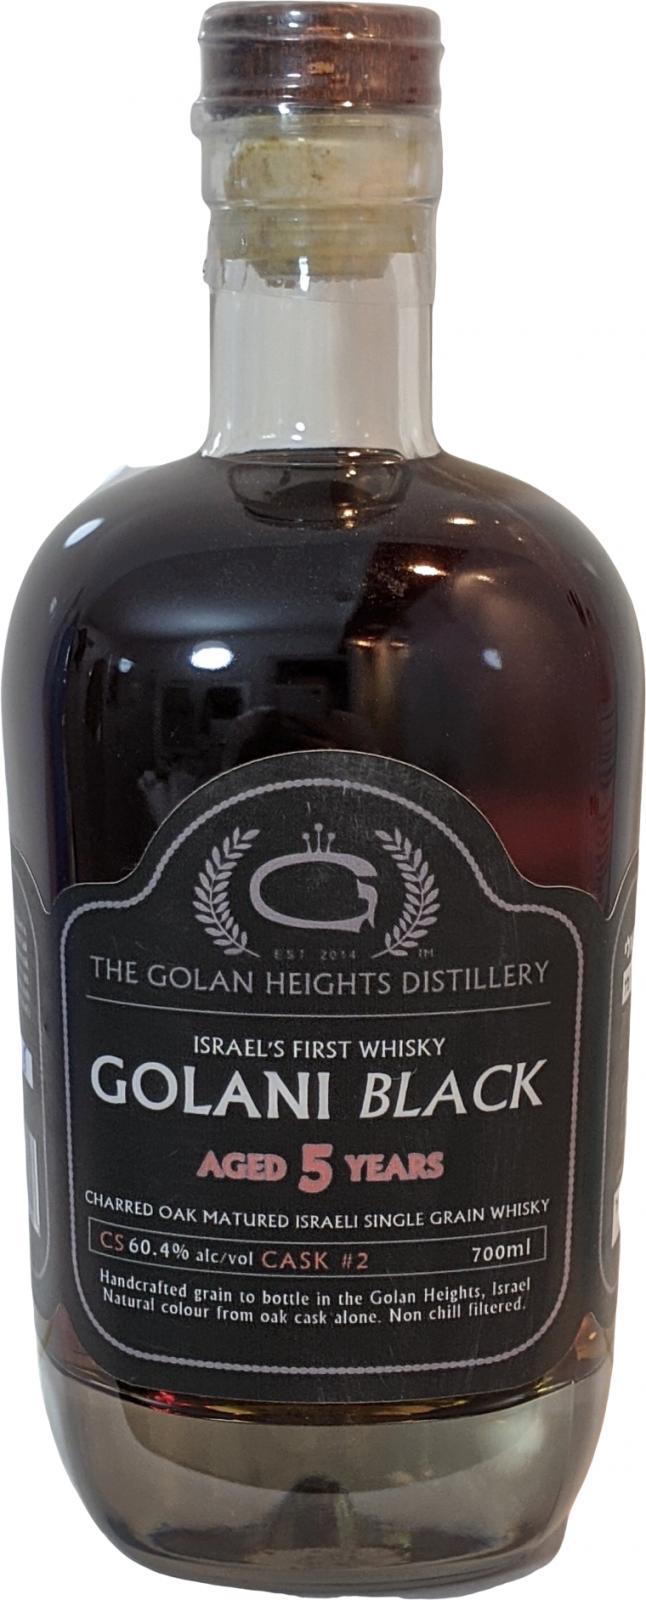 Golani Black